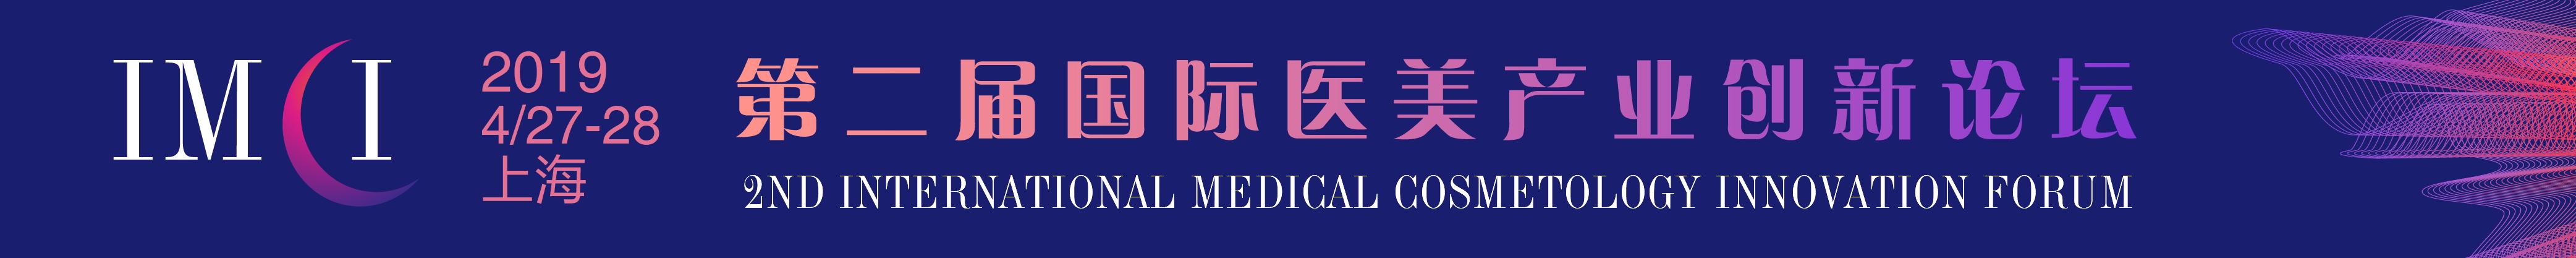 第二届国际医美产业创新论坛报名正式开始!